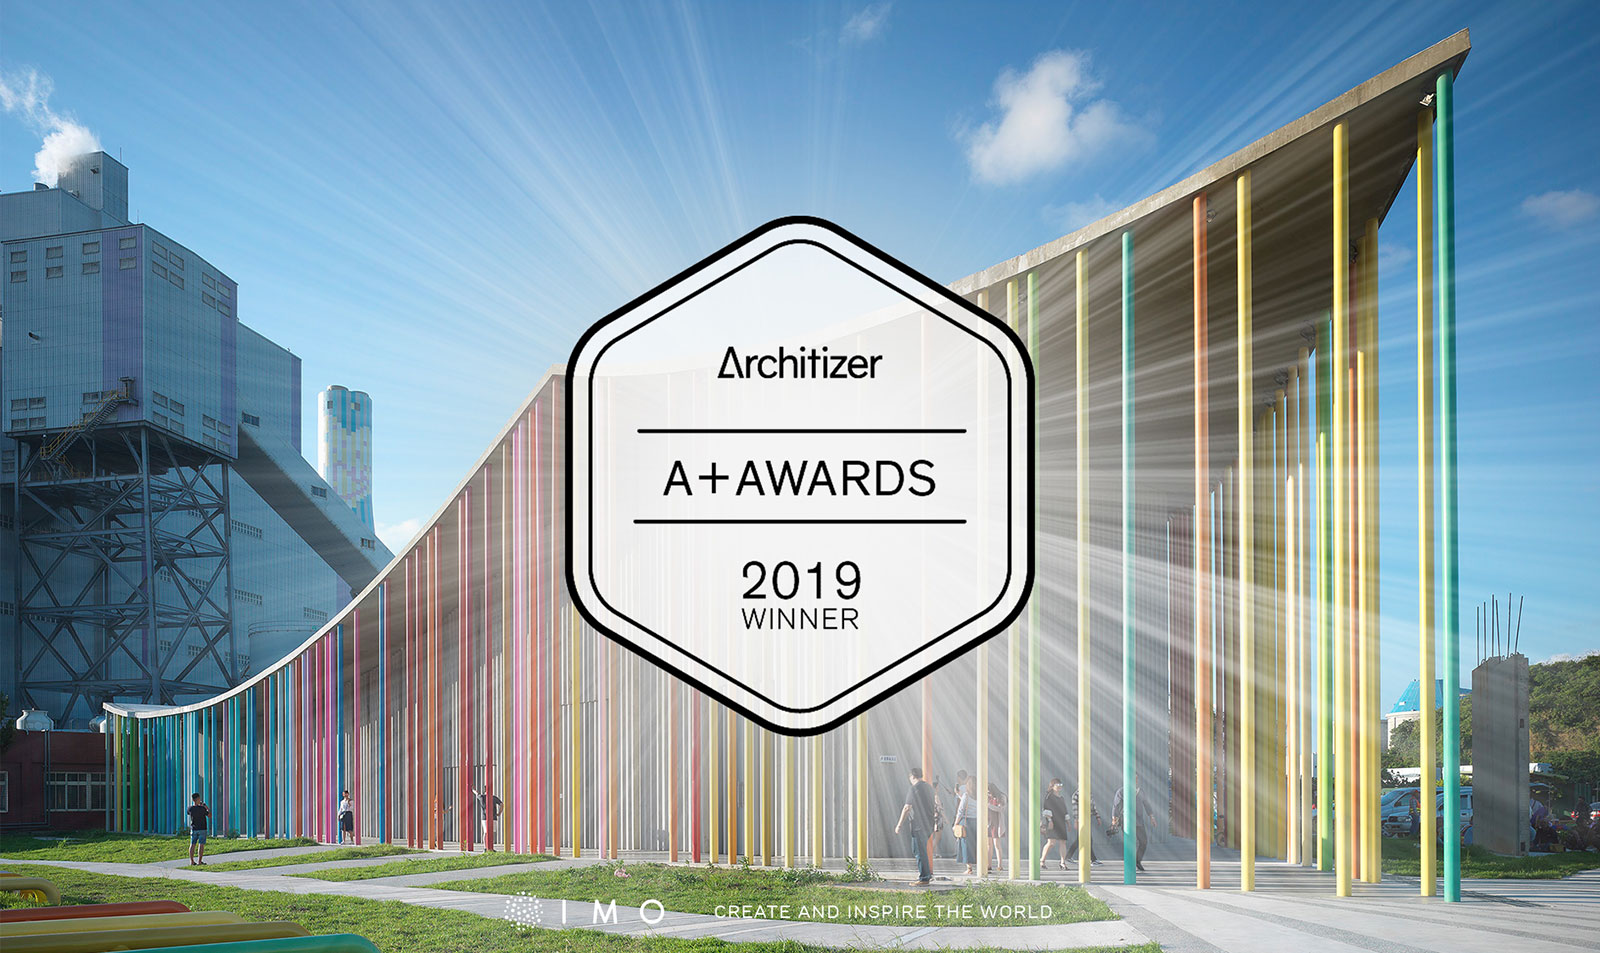 IMO Wins Architizer A+ Jury Award 2019